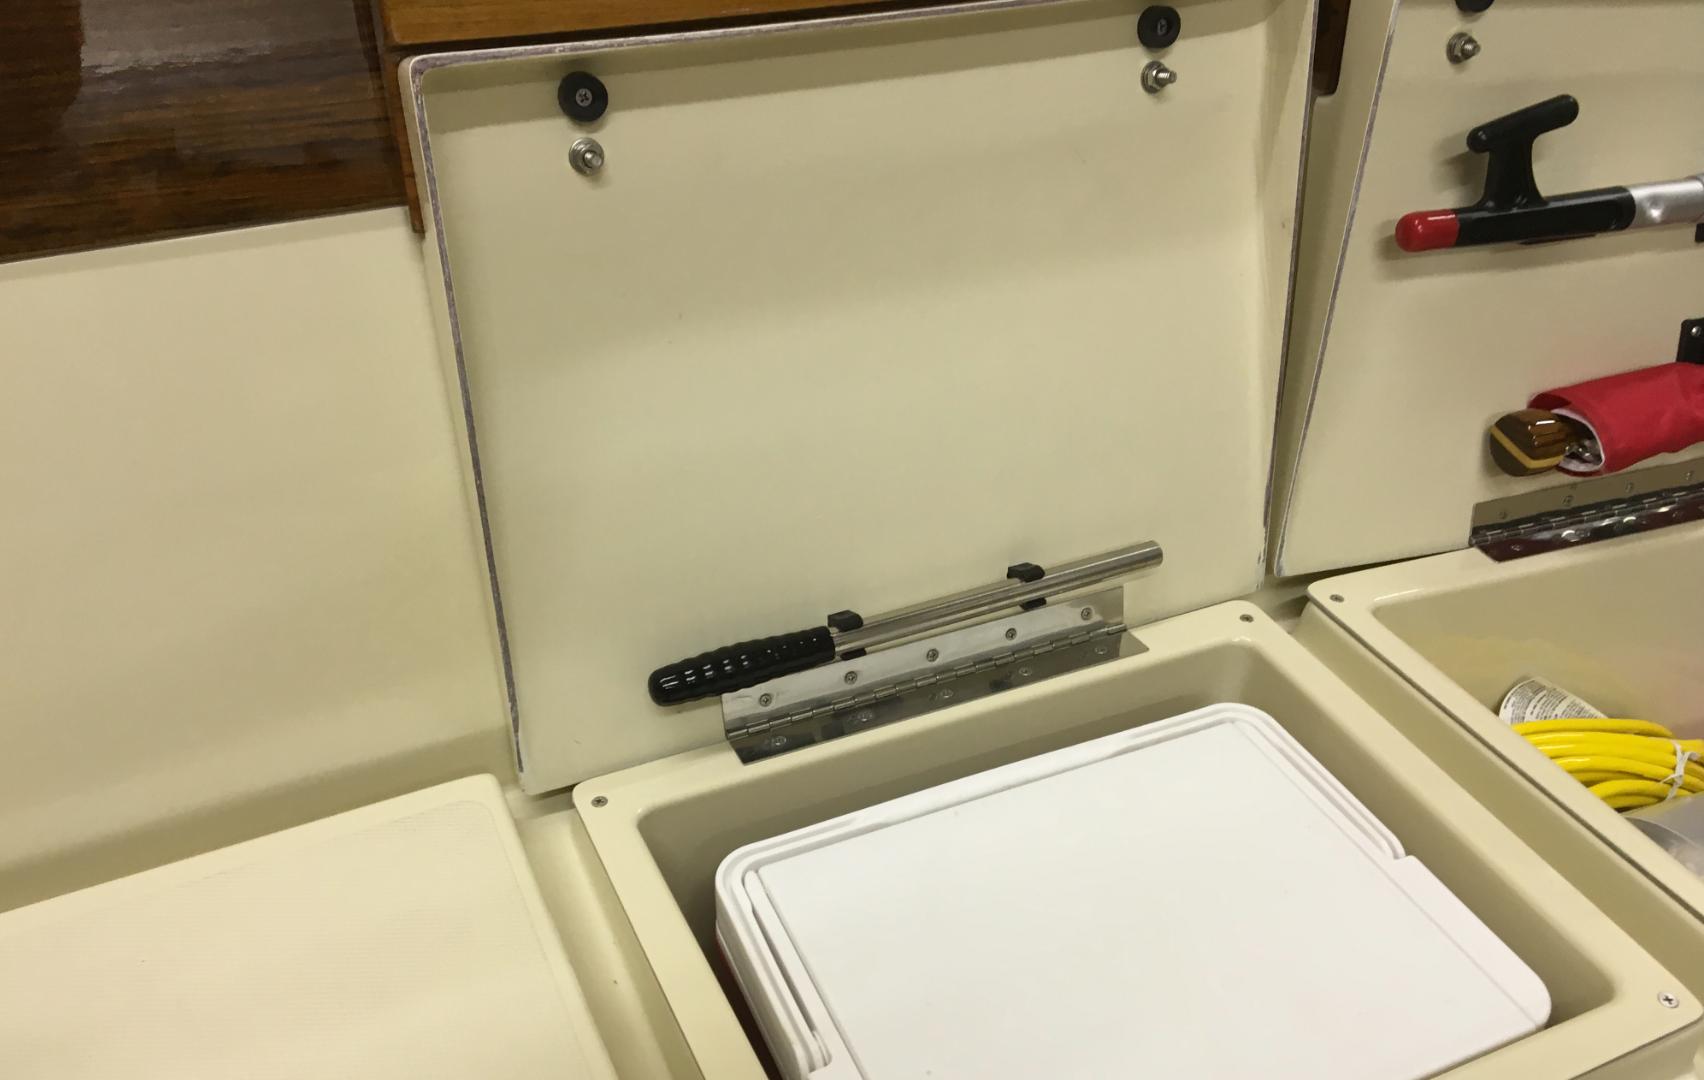 Port cooler locker. (2) coolers standard, both port and starboard.